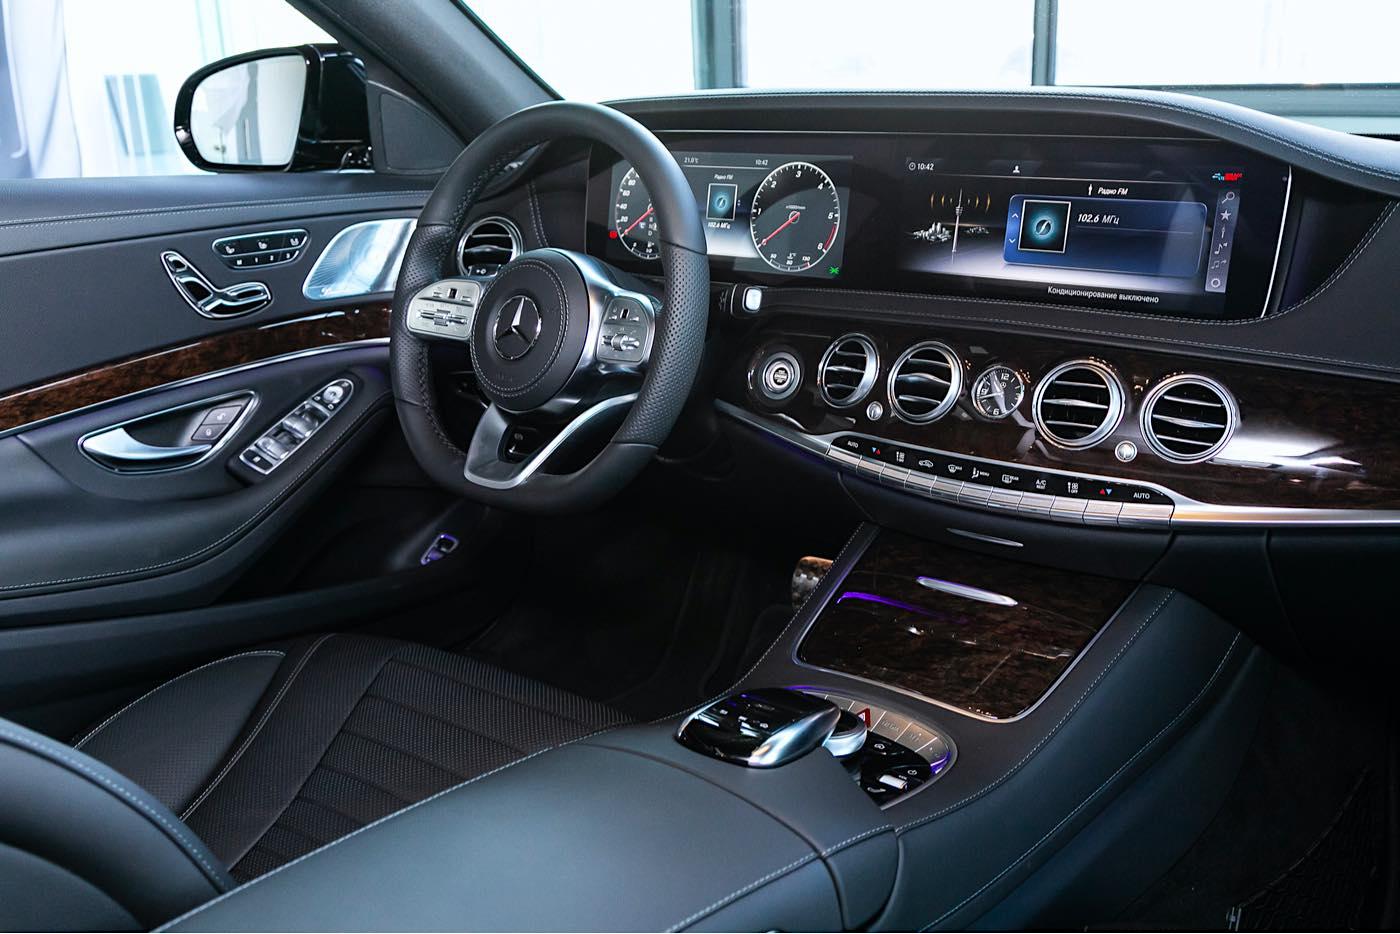 El nuevo Mercedes-Benz Clase S incluye un cockpit con IA de próxima generación potenciado por NVIDIA.